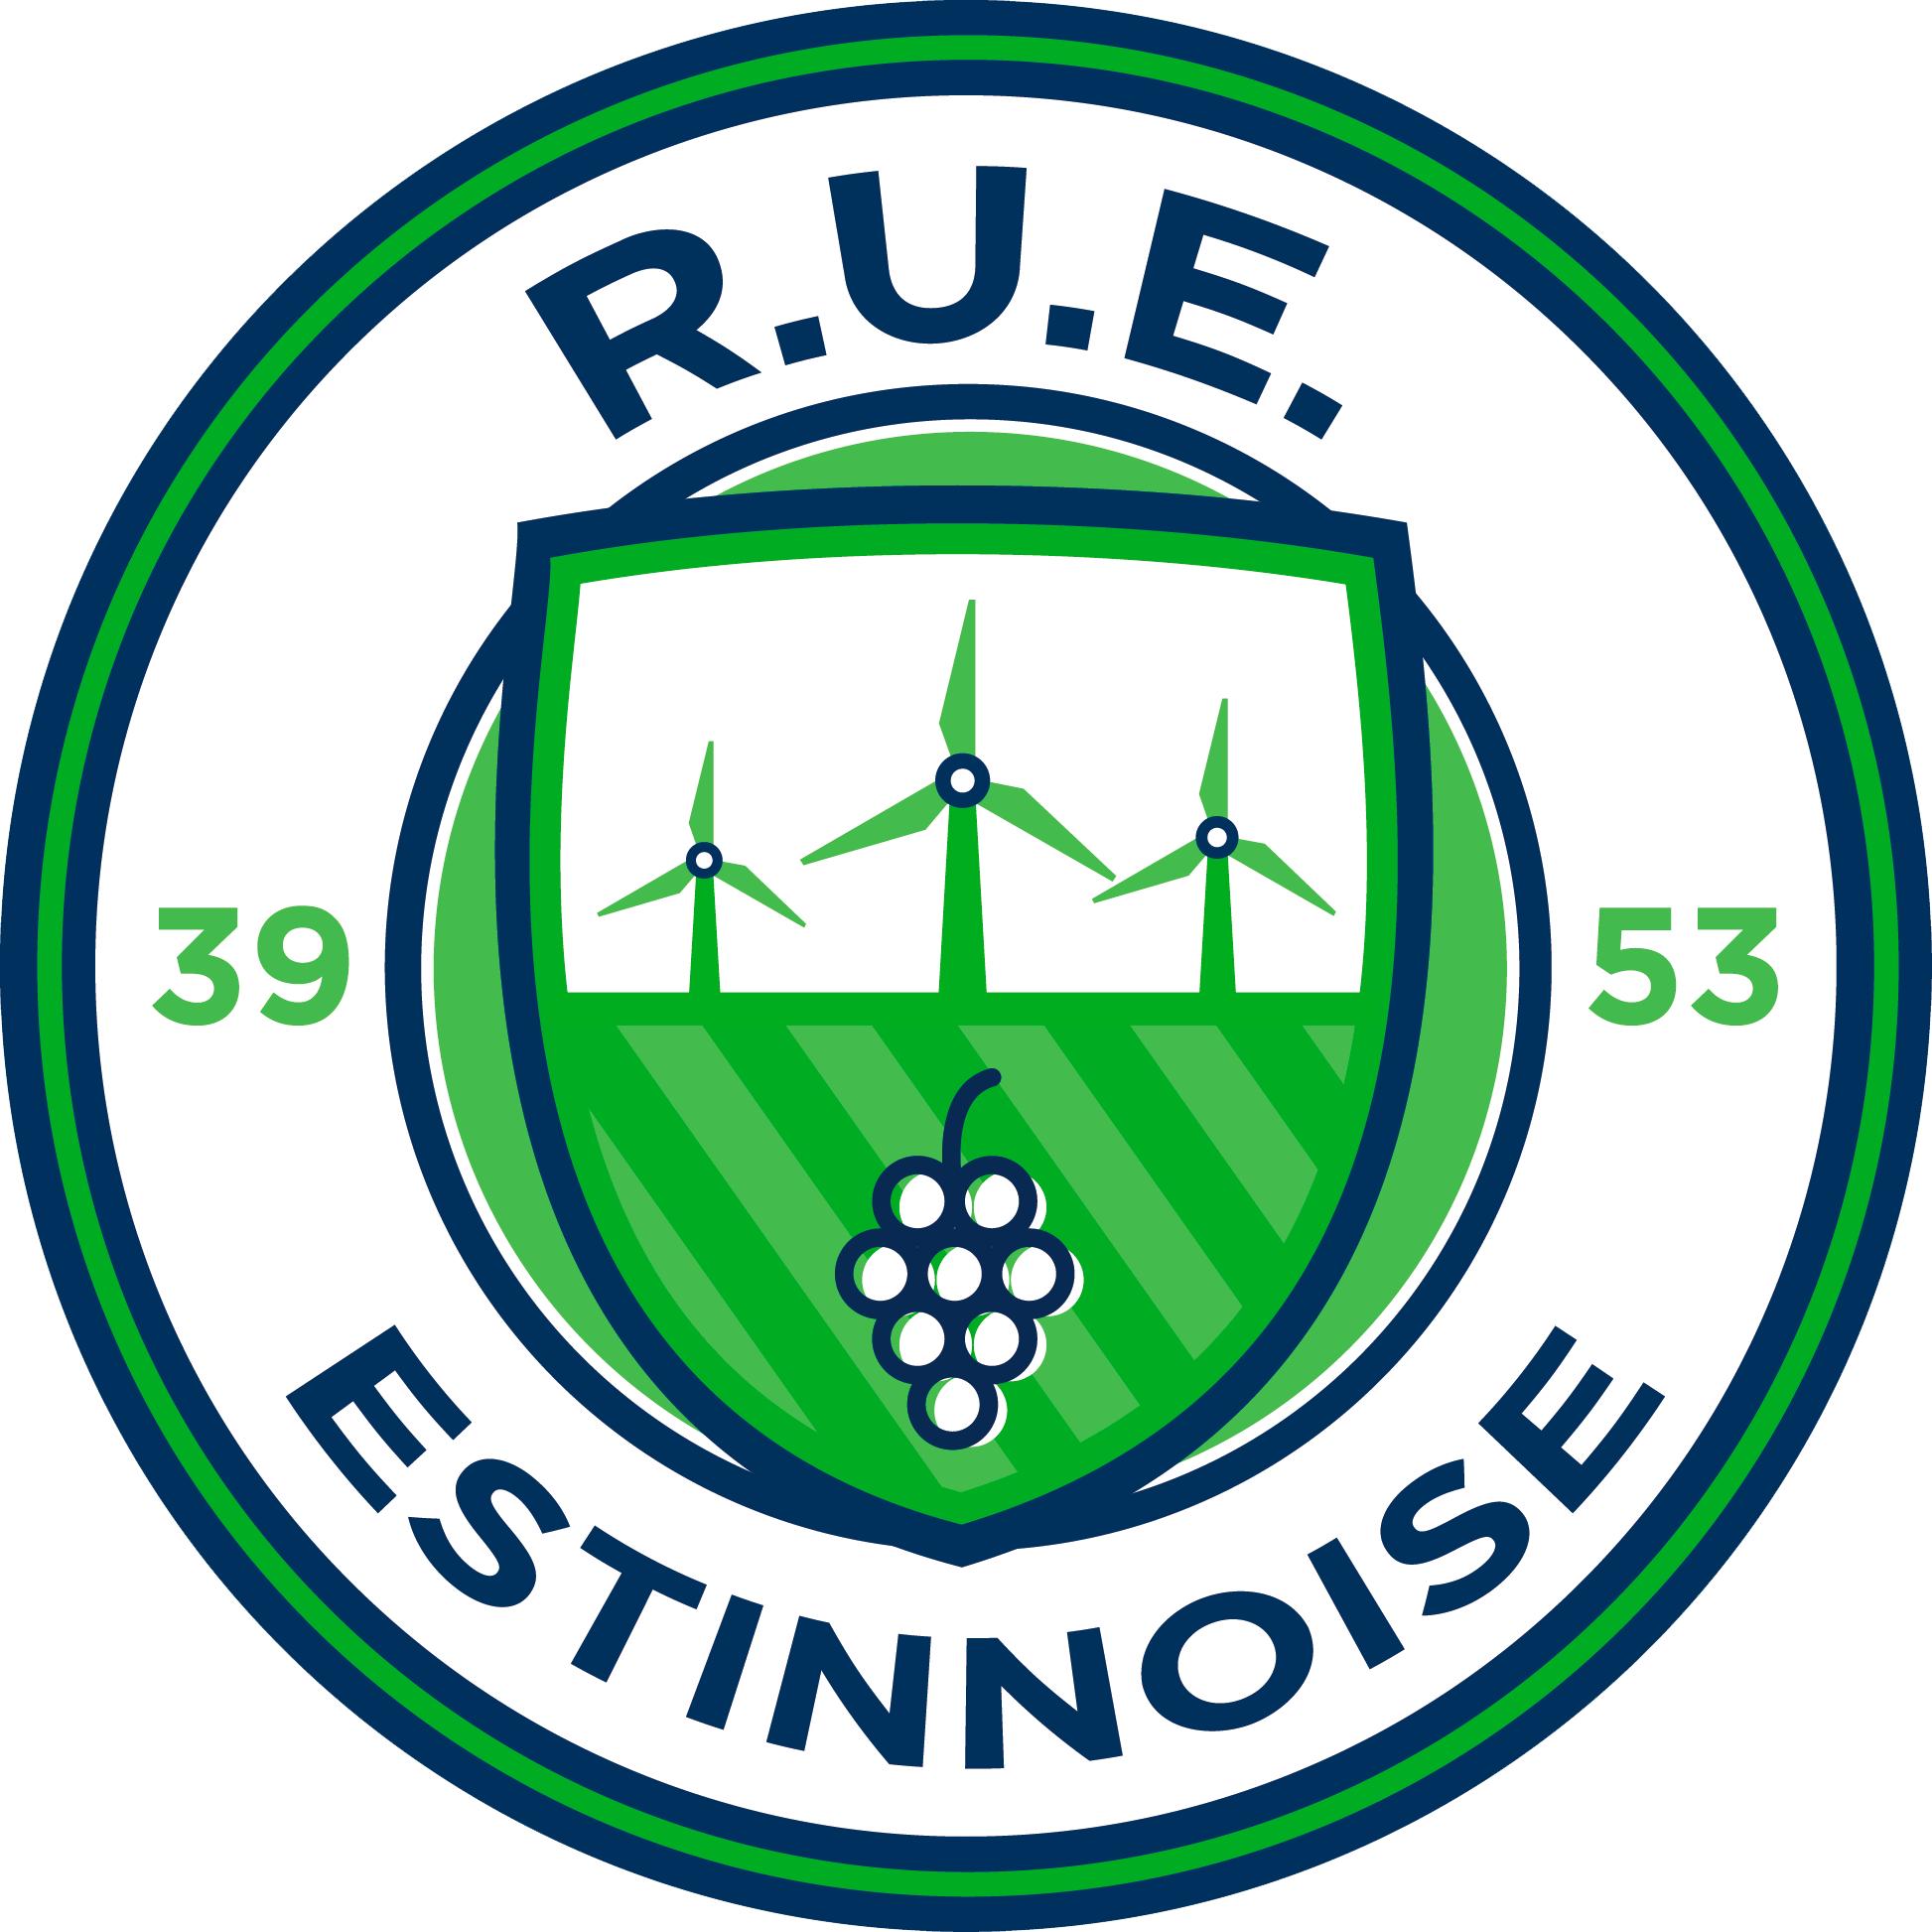 3 - U.E. Estinnoise B